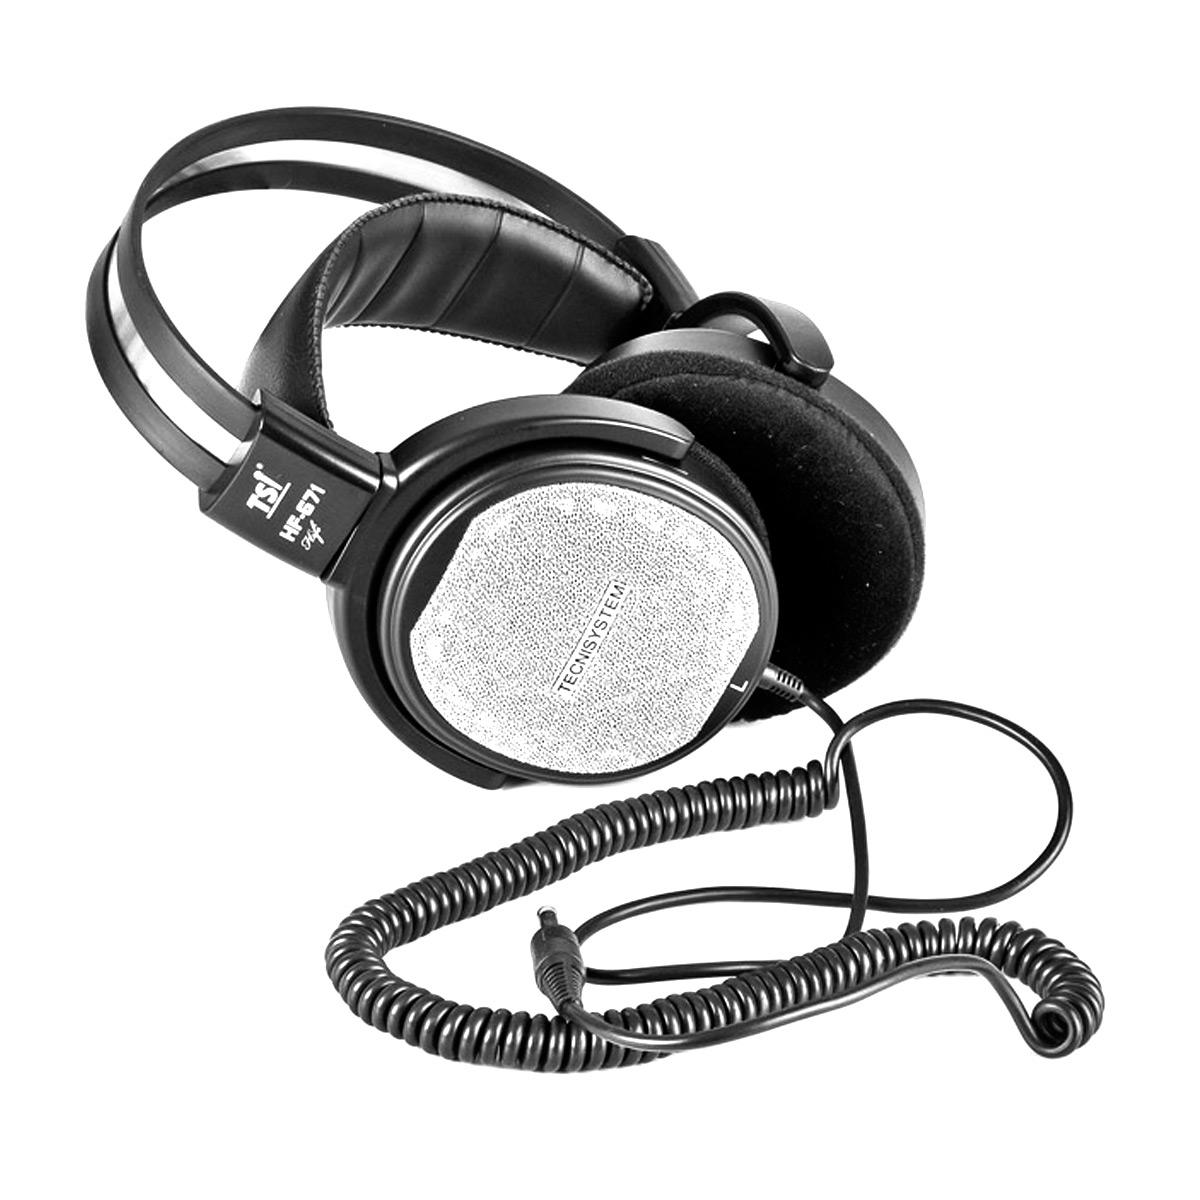 HF671 - Fone de Ouvido Over-ear HF 671 - TSI